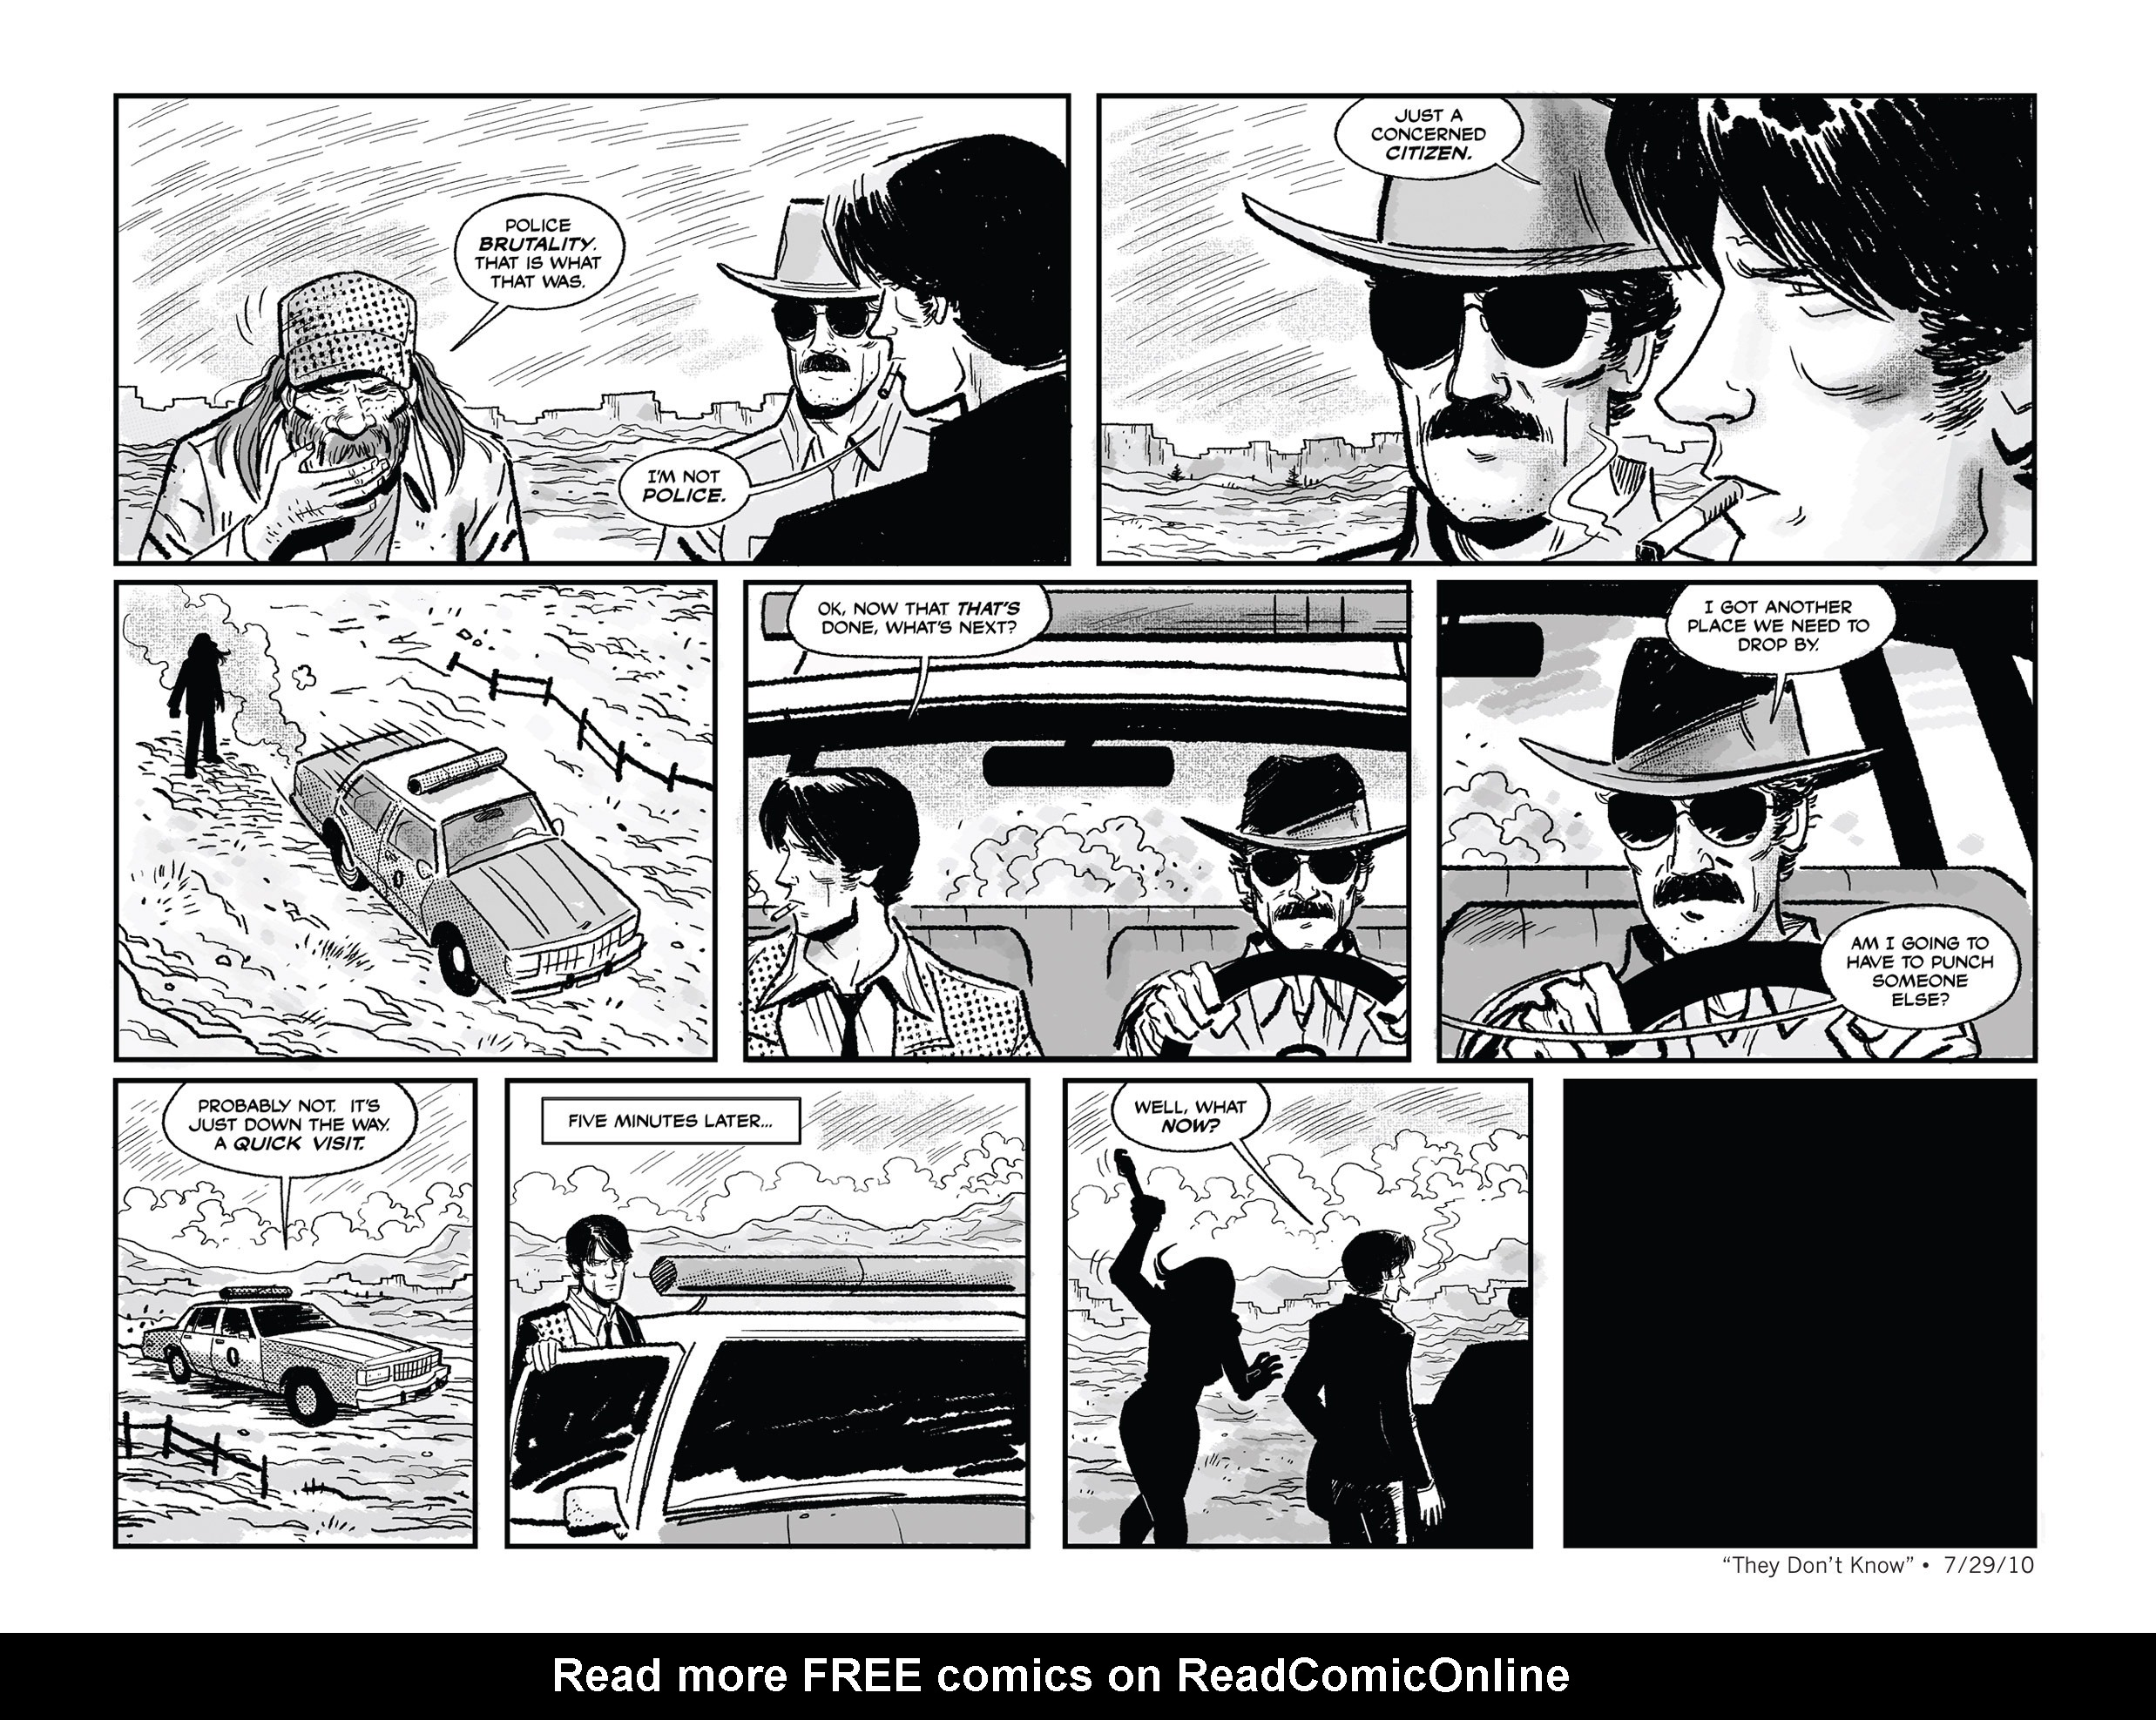 Read online She Died In Terrebonne comic -  Issue #3 - 11